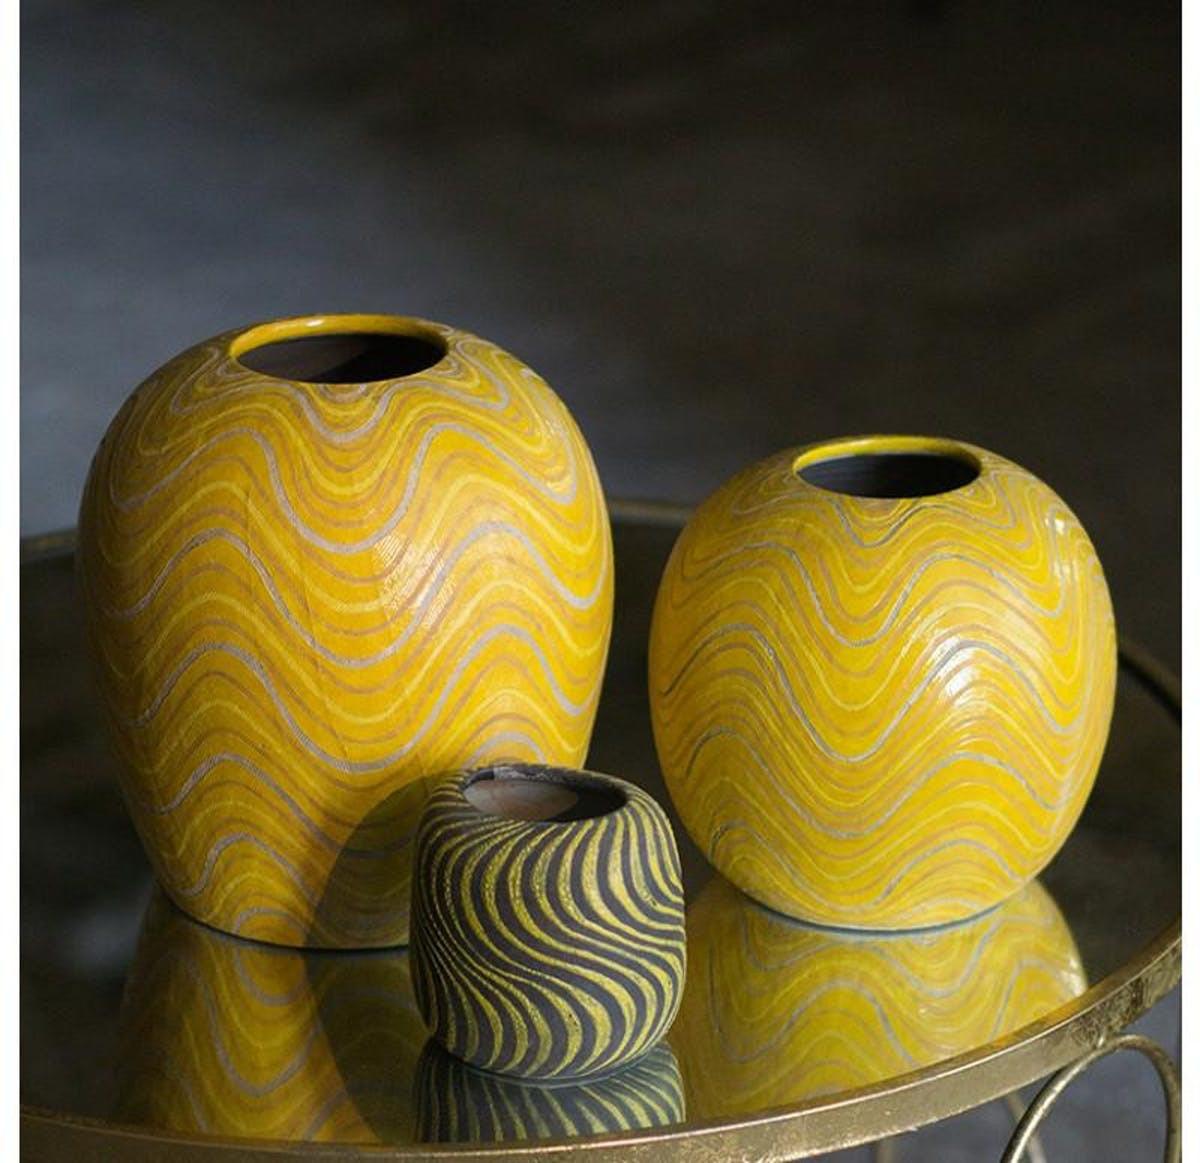 13 Stylish Ceramic Vase Set Of 3 2021 free download ceramic vase set of 3 of gold leaf design group sioux vase set of 3 modish store inside gold leaf design group sioux vase set of 3 vases gold leaf design group123